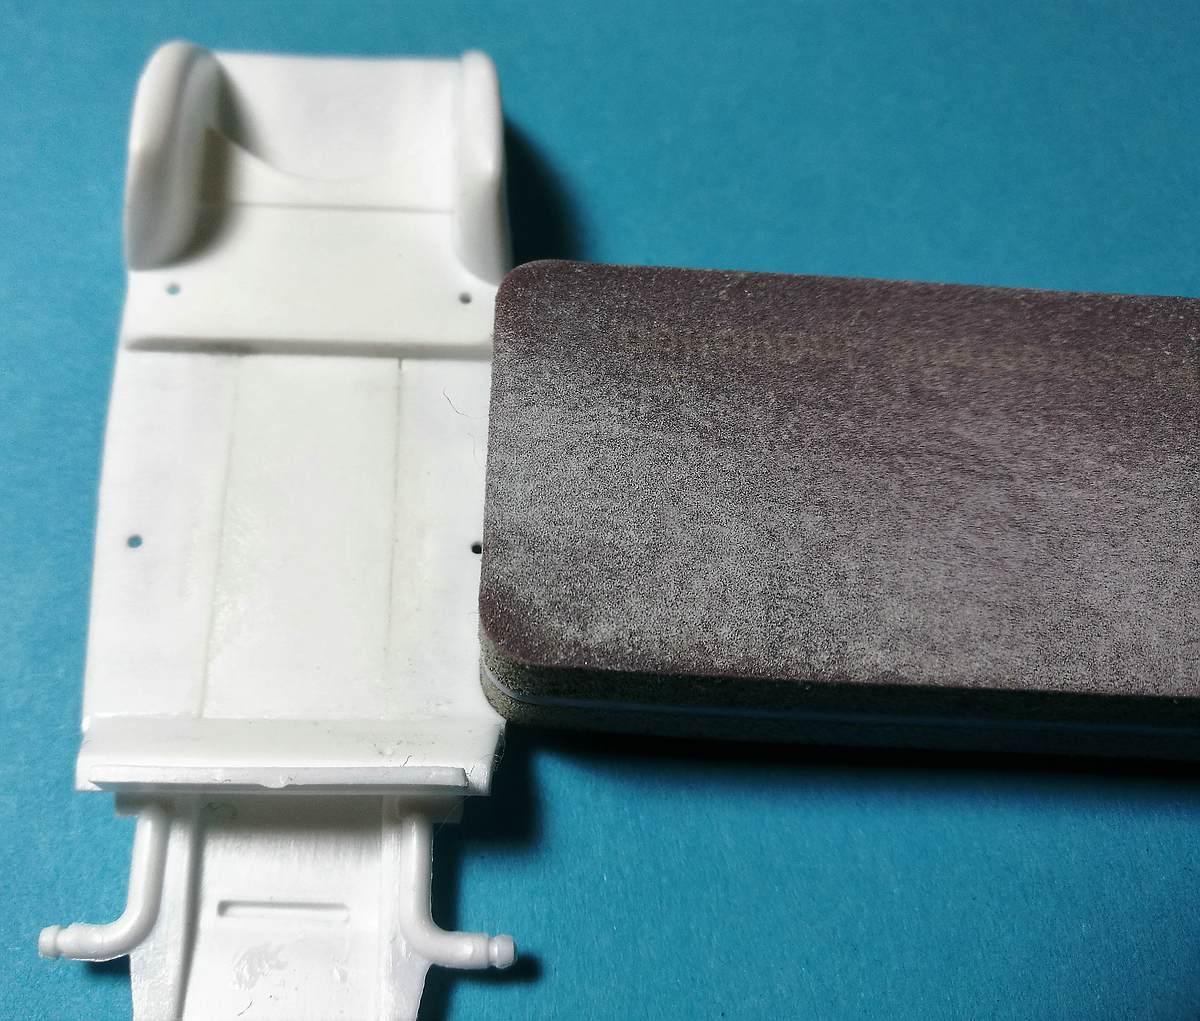 Heller-80175-Citroen-2CV-1zu43-17 Citroen 2CV in 1:43 von Heller #80175